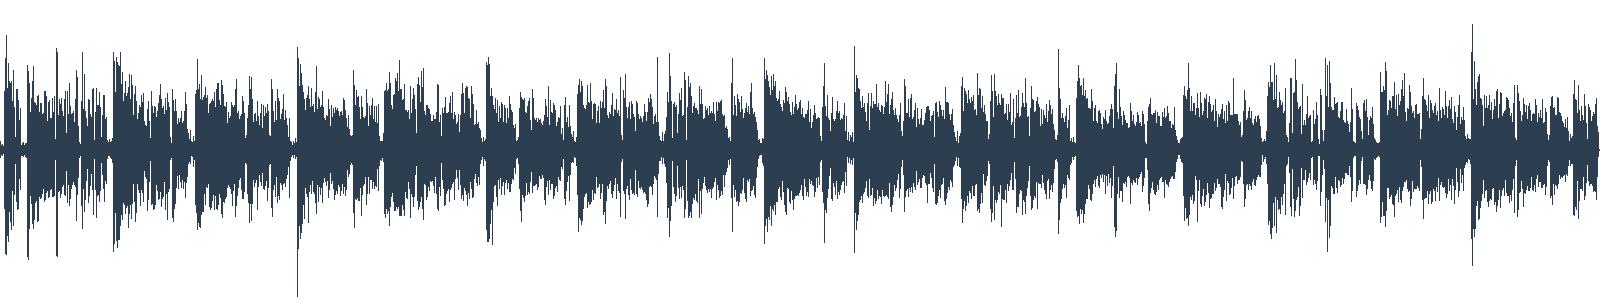 Konečně Královna ohně, Oddělení Q a další nové audioknihy (49/2019) waveform